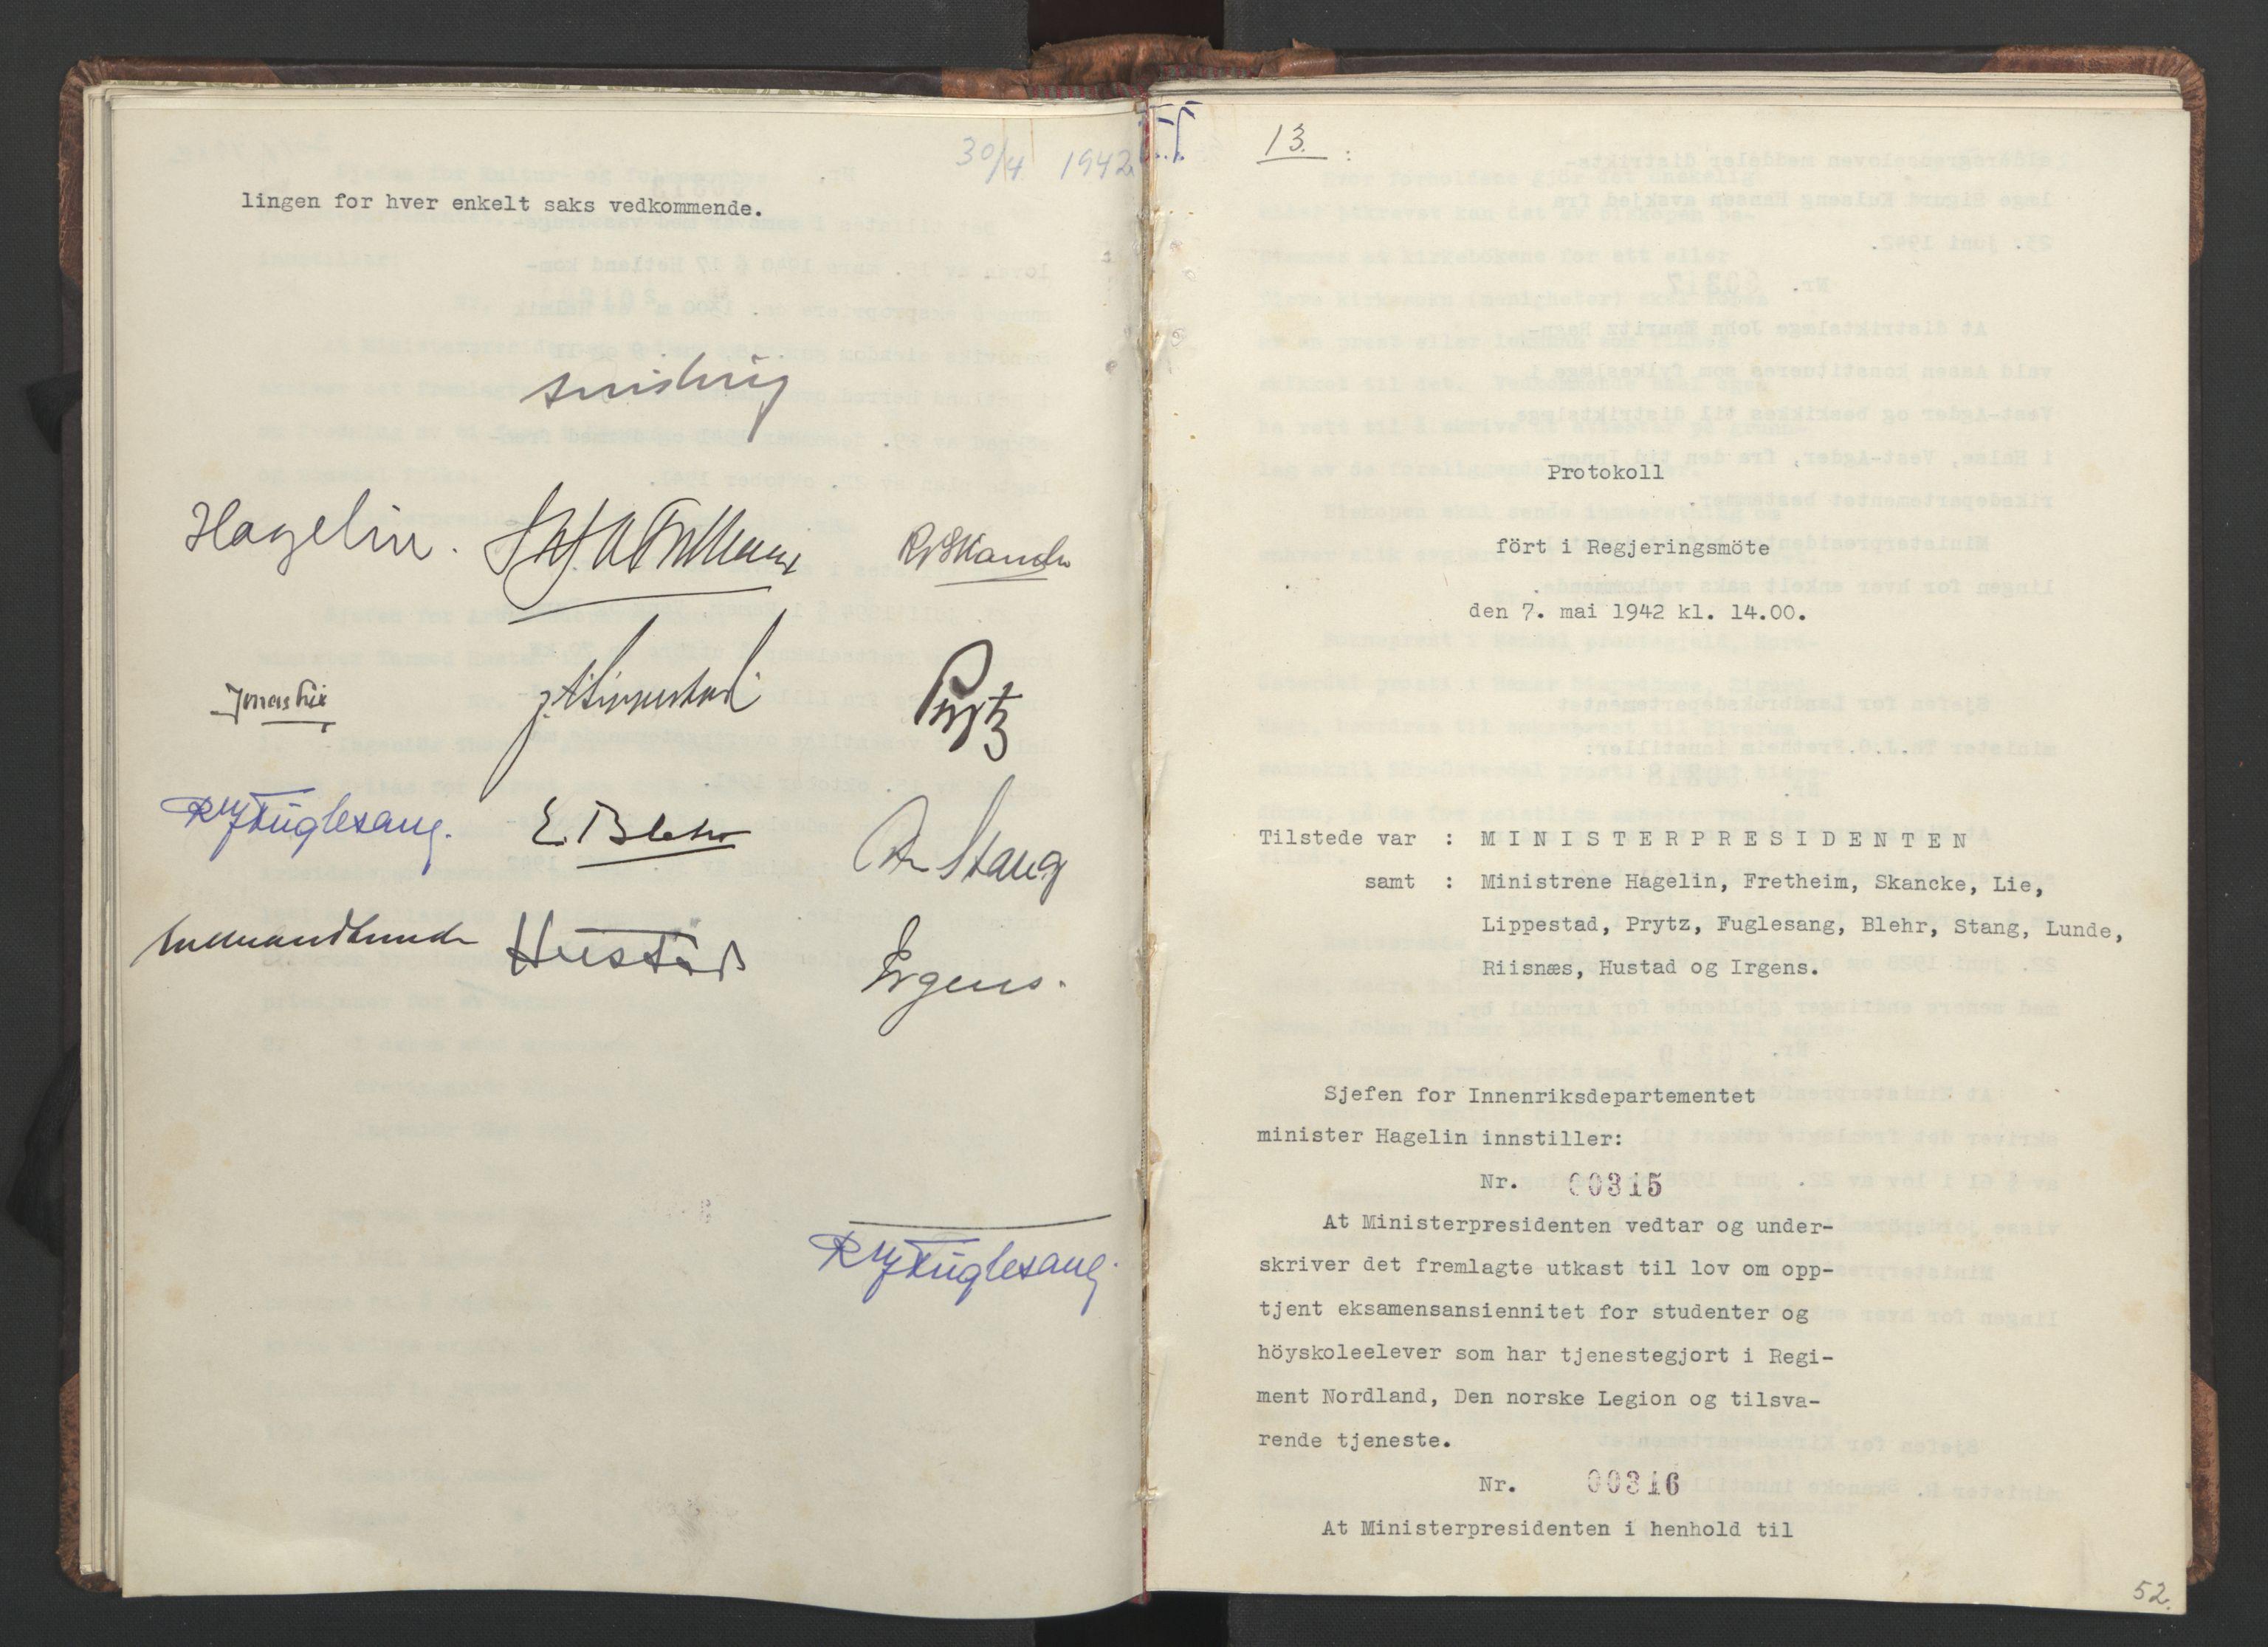 RA, NS-administrasjonen 1940-1945 (Statsrådsekretariatet, de kommisariske statsråder mm), D/Da/L0001: Beslutninger og tillegg (1-952 og 1-32), 1942, s. 51b-52a